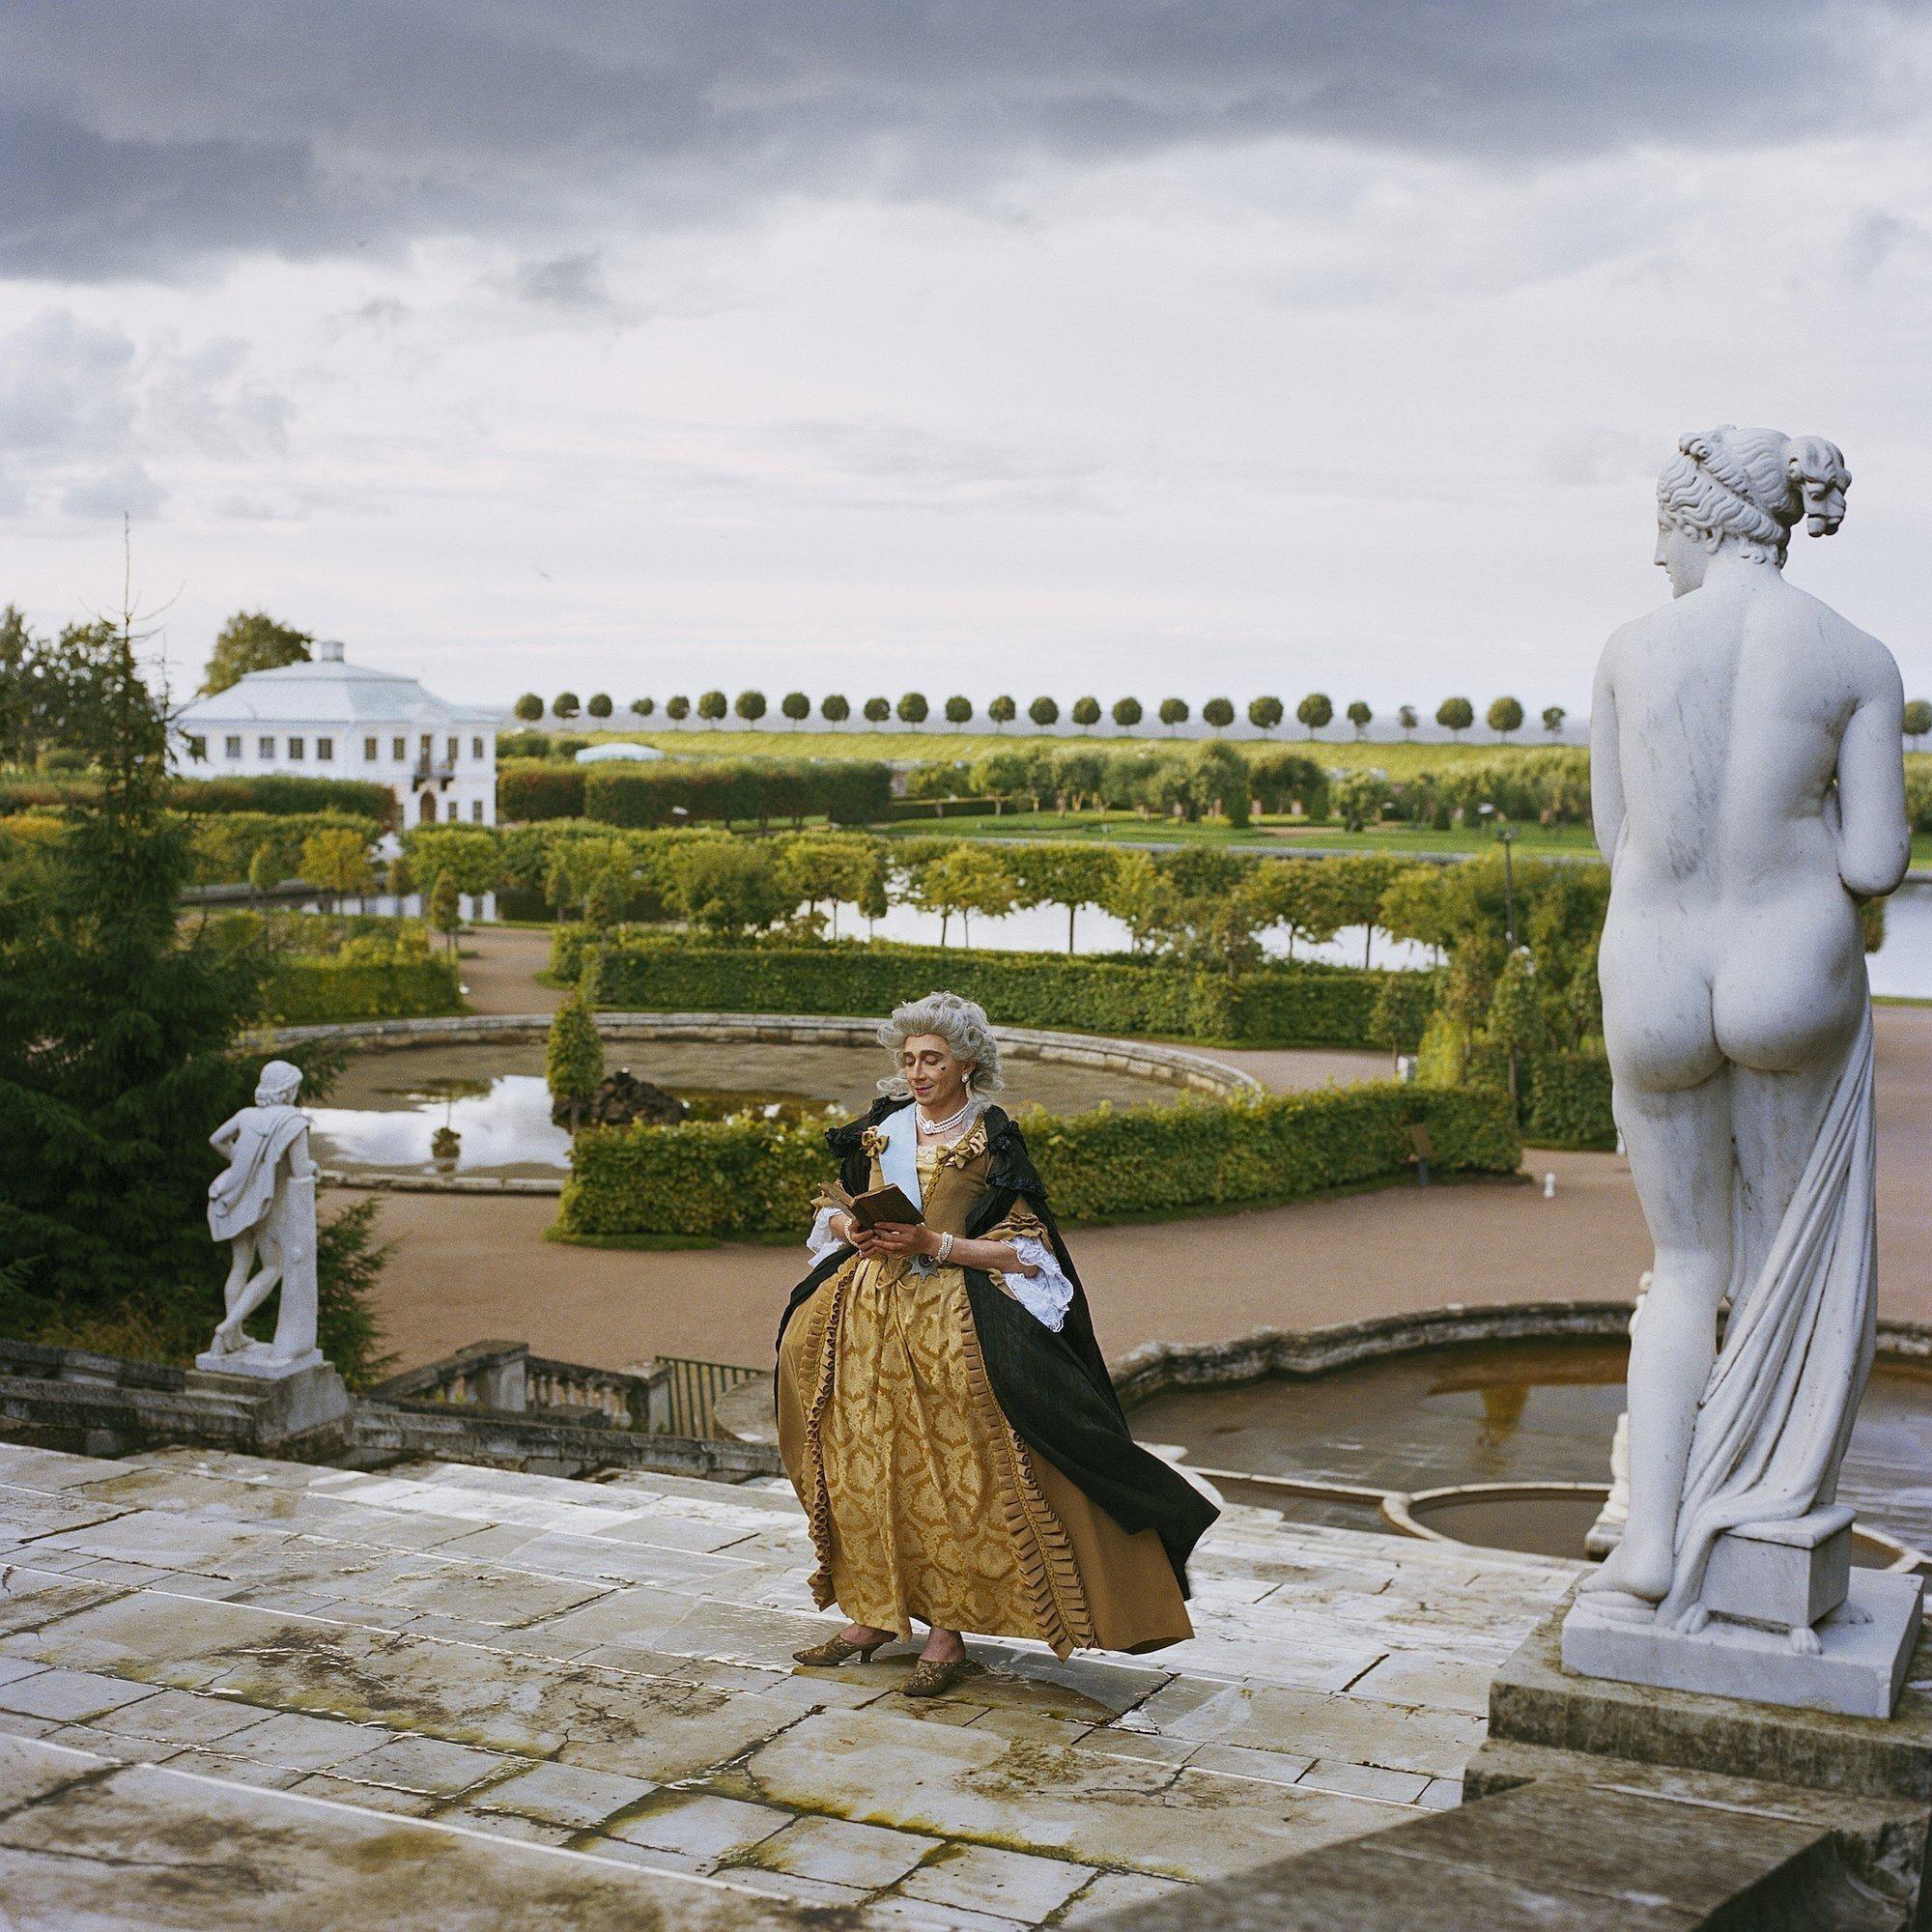 Фото Валерия Кацубы из серии «Метаморфозы монарха». Совместный проект с Владиславом Мамышевым-Монро